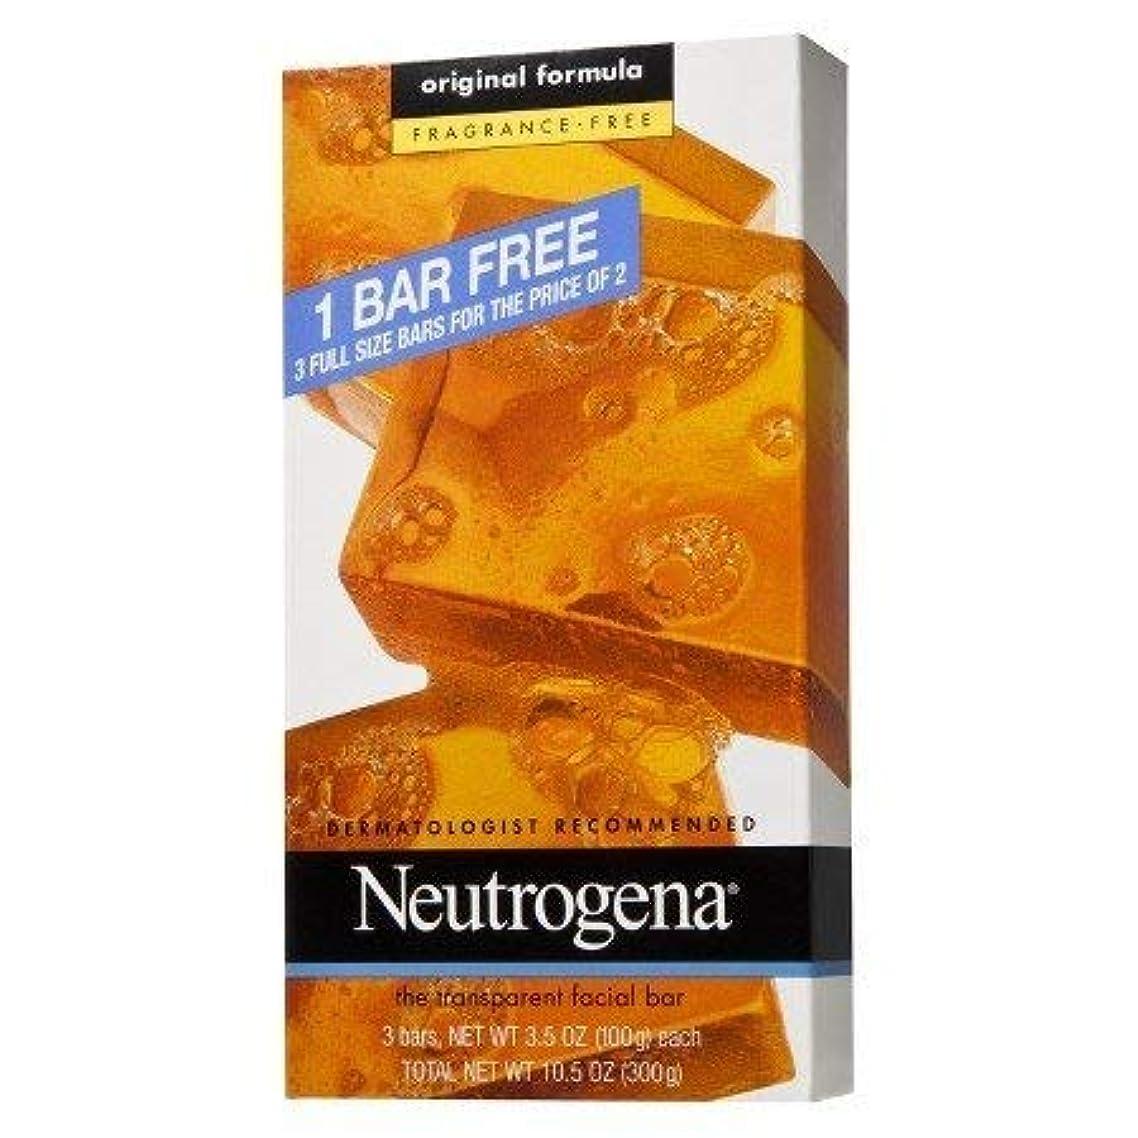 雑品神経障害採用Neutrogena Facial Cleansing Bar ニュートロジーナ洗顔用石鹸フレグランスフリー 100gx3個 [並行輸入品]